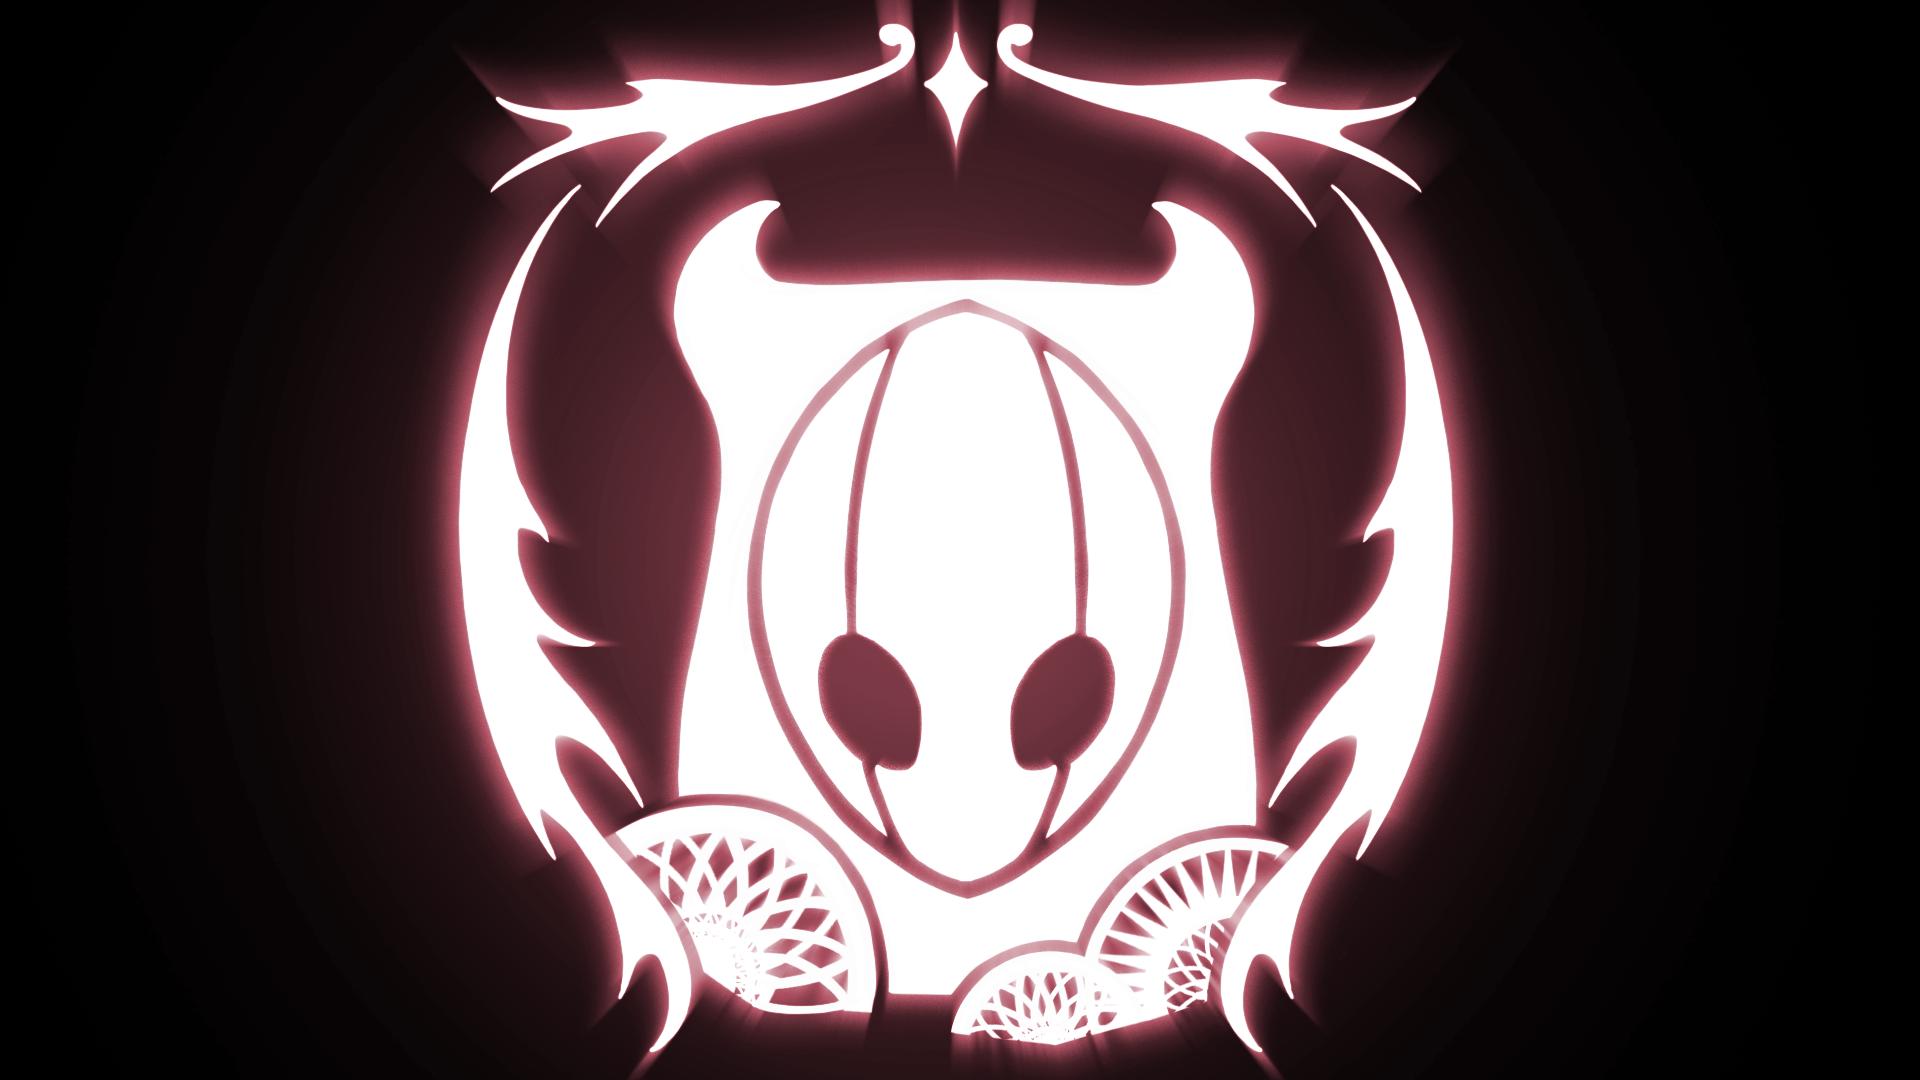 Icon for Banishment